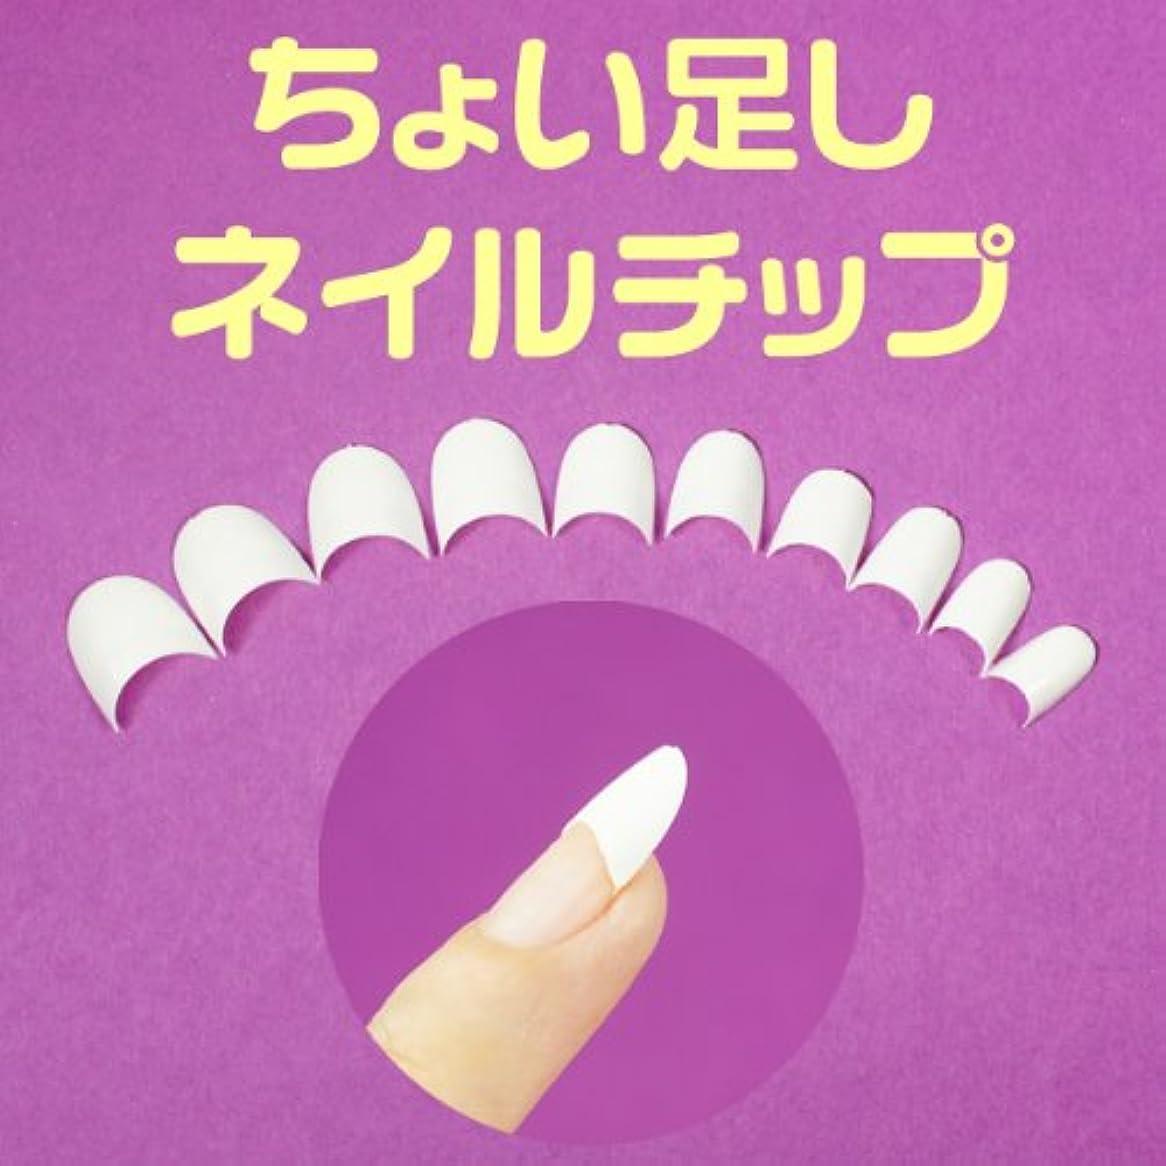 機会二週間キリスト白いちょい足しネイルチップ 超短いハーフチップ スカルプチャー ジェルネイル ラウンドショートクリアネイルチップ つけ爪付け爪